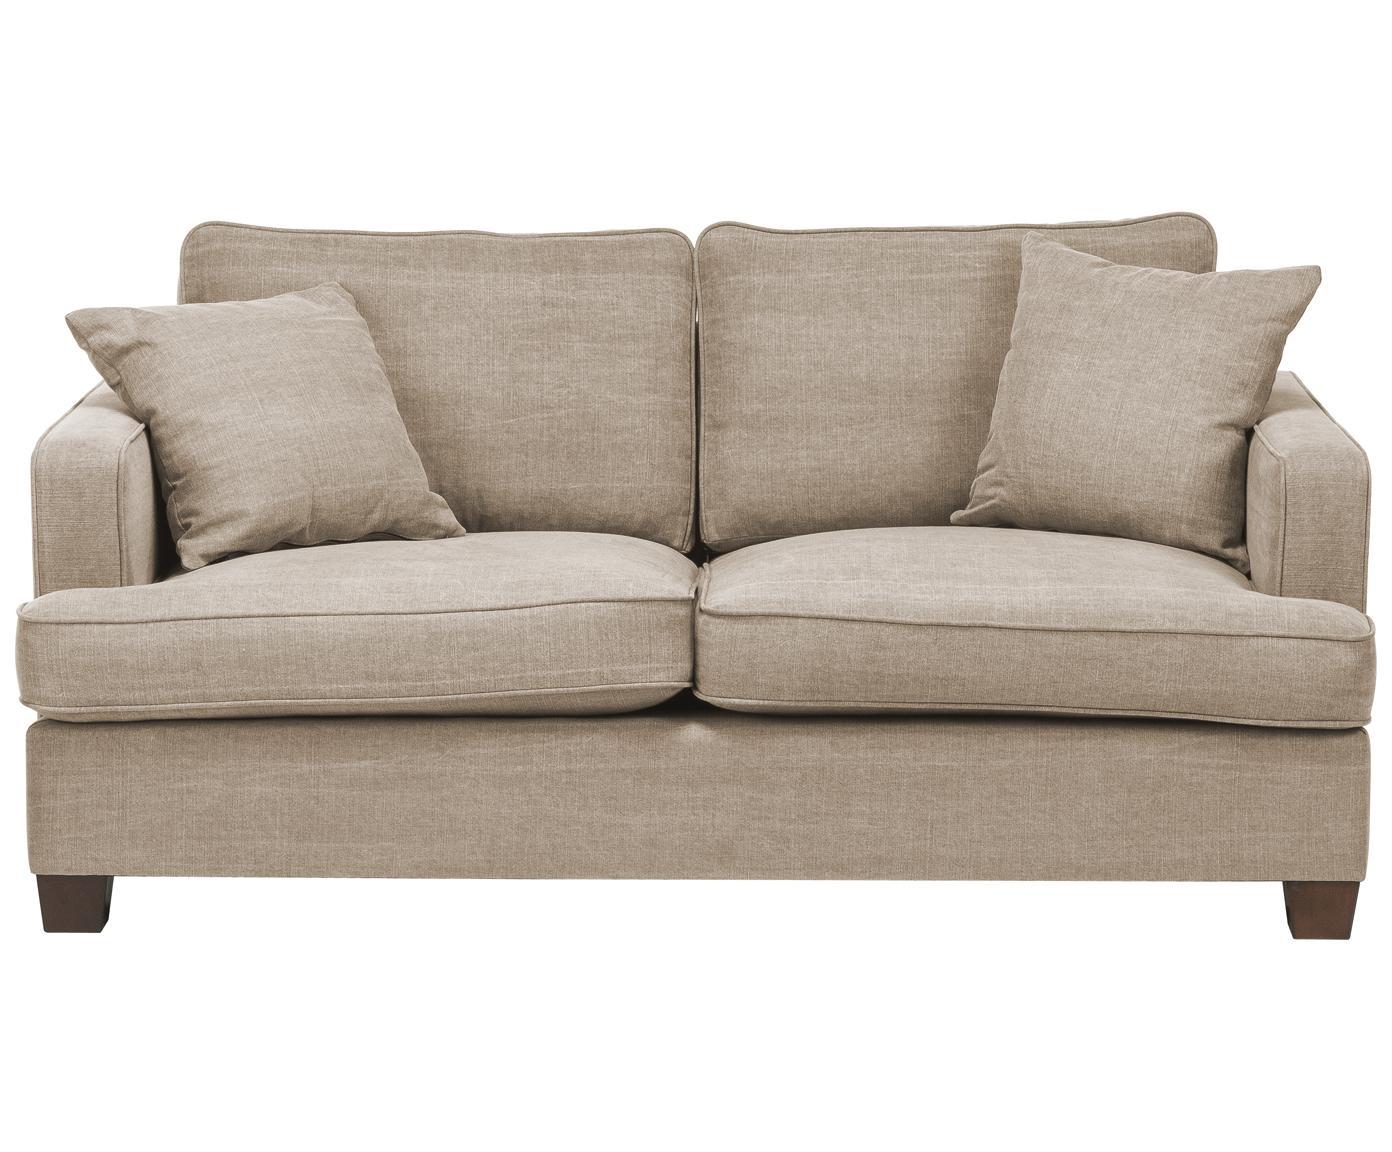 Duża sofa Warren (2-osobowa), Stelaż: drewno naturalne, Tapicerka: 60%bawełna, 40%len, Nogi: czarne drewno, Beżowy, S 178 x W 85 cm